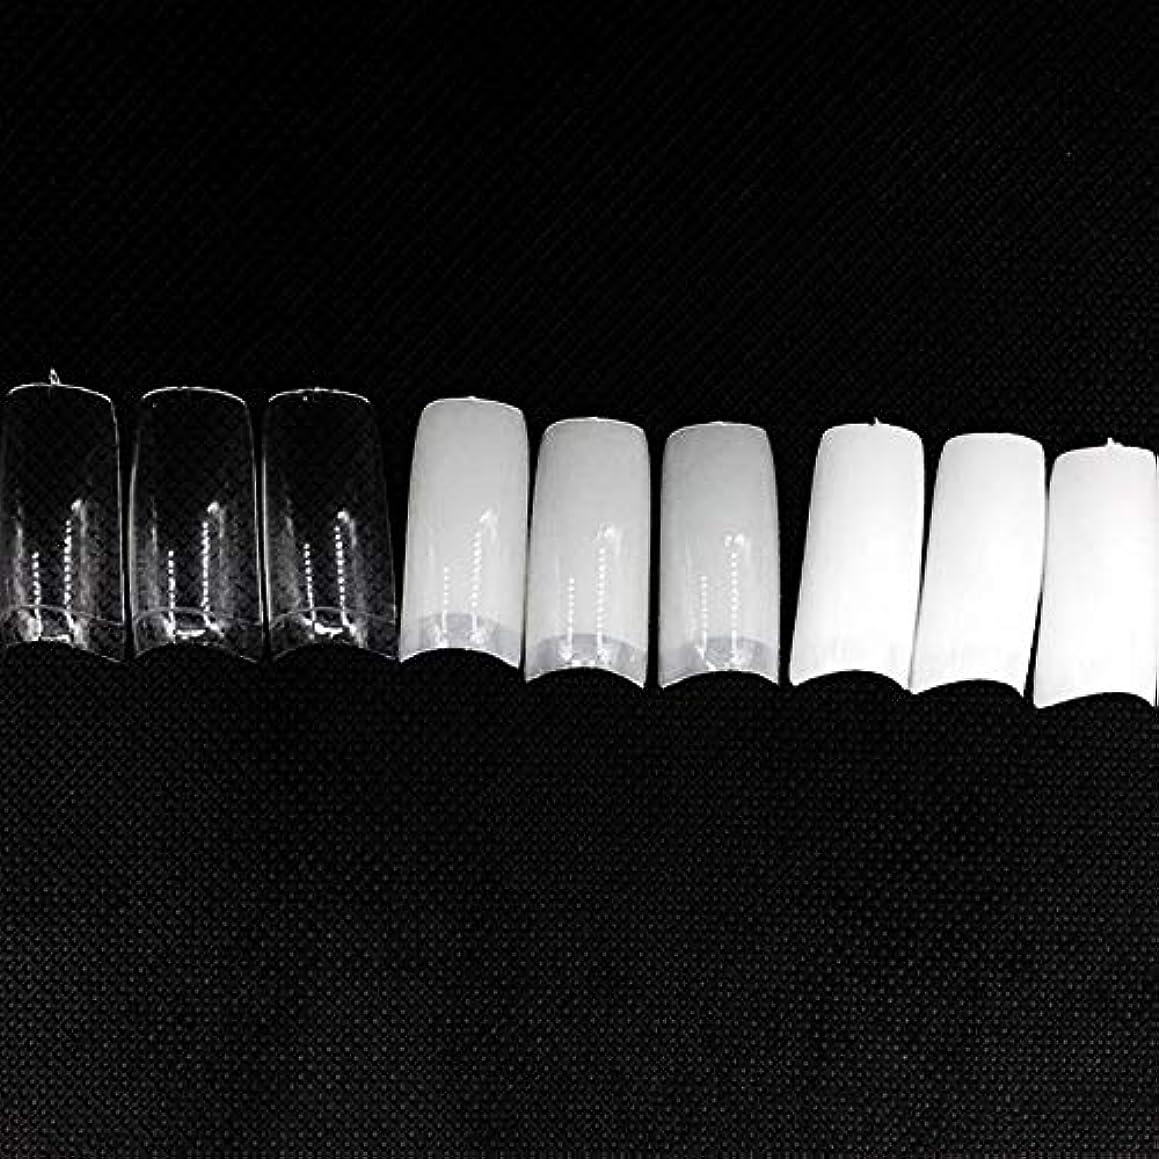 違うりんご通訳ネイルチップ つけ爪 偽爪 無地 ロング オーバル 10サイズ デコレーション フルチップ シンプル DIY デザイン 500個/セット Moomai